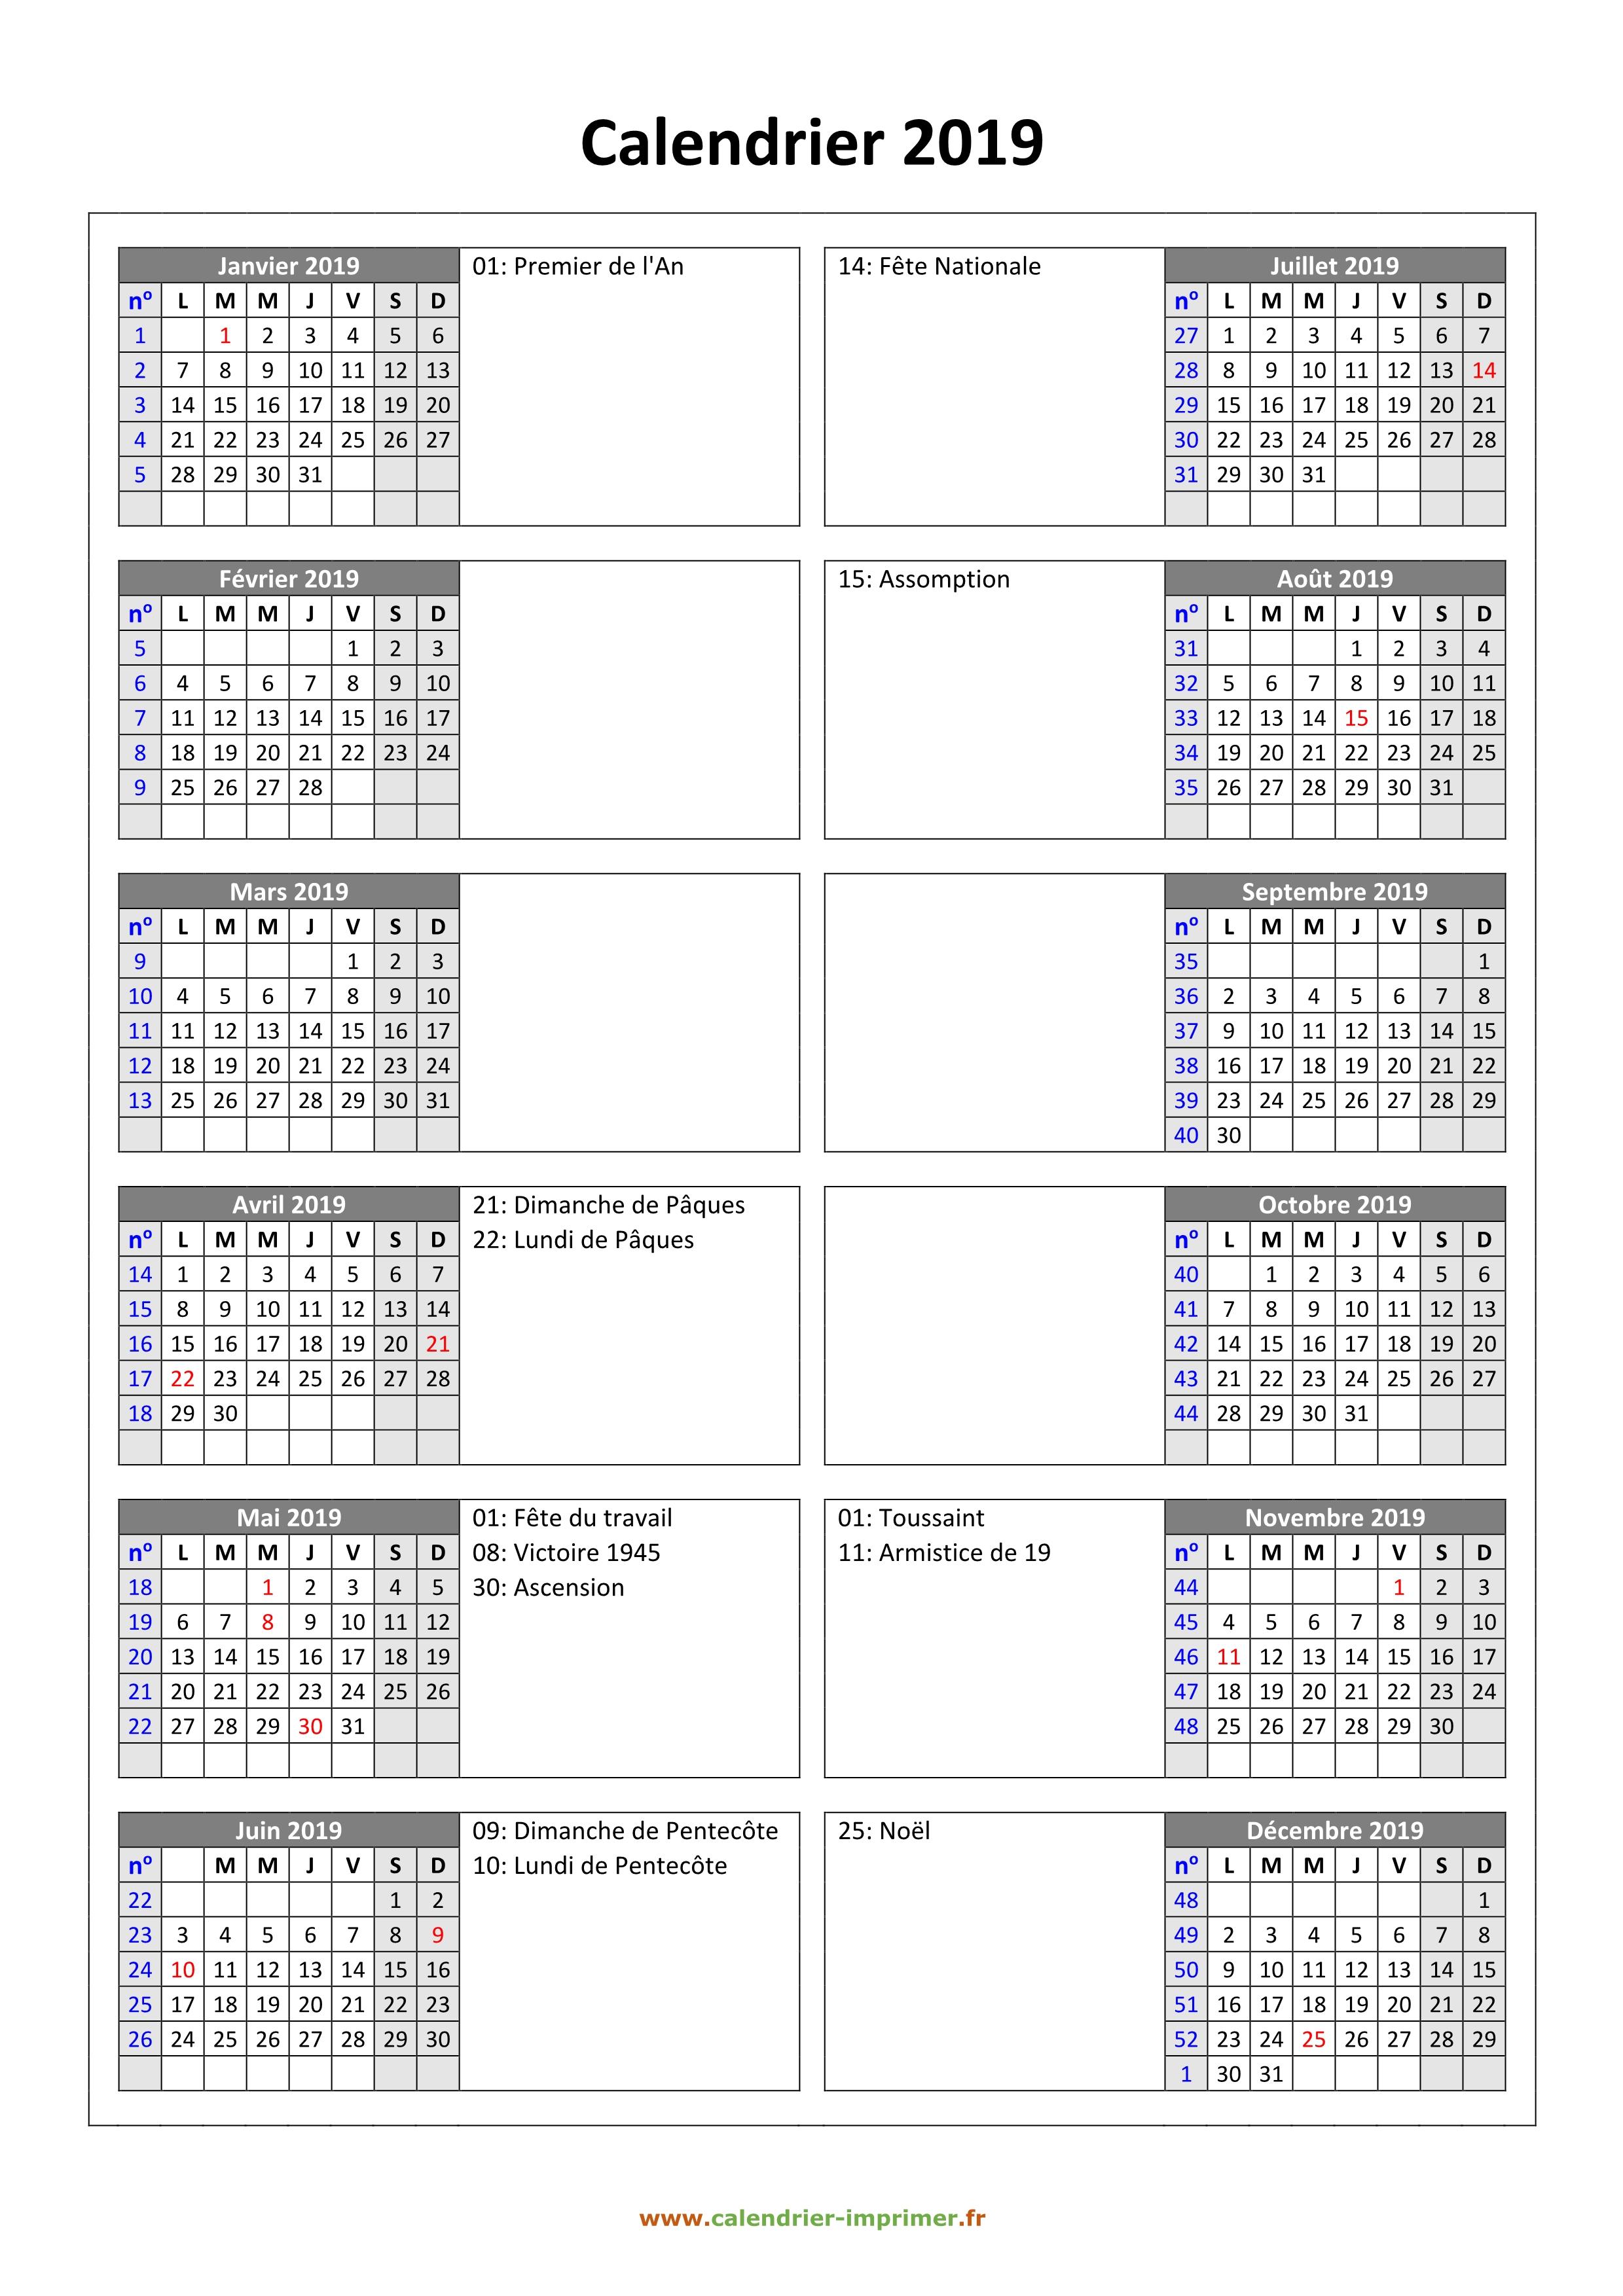 Calendrier Personnalise A Imprimer.Calendrier 2019 A Imprimer Gratuit